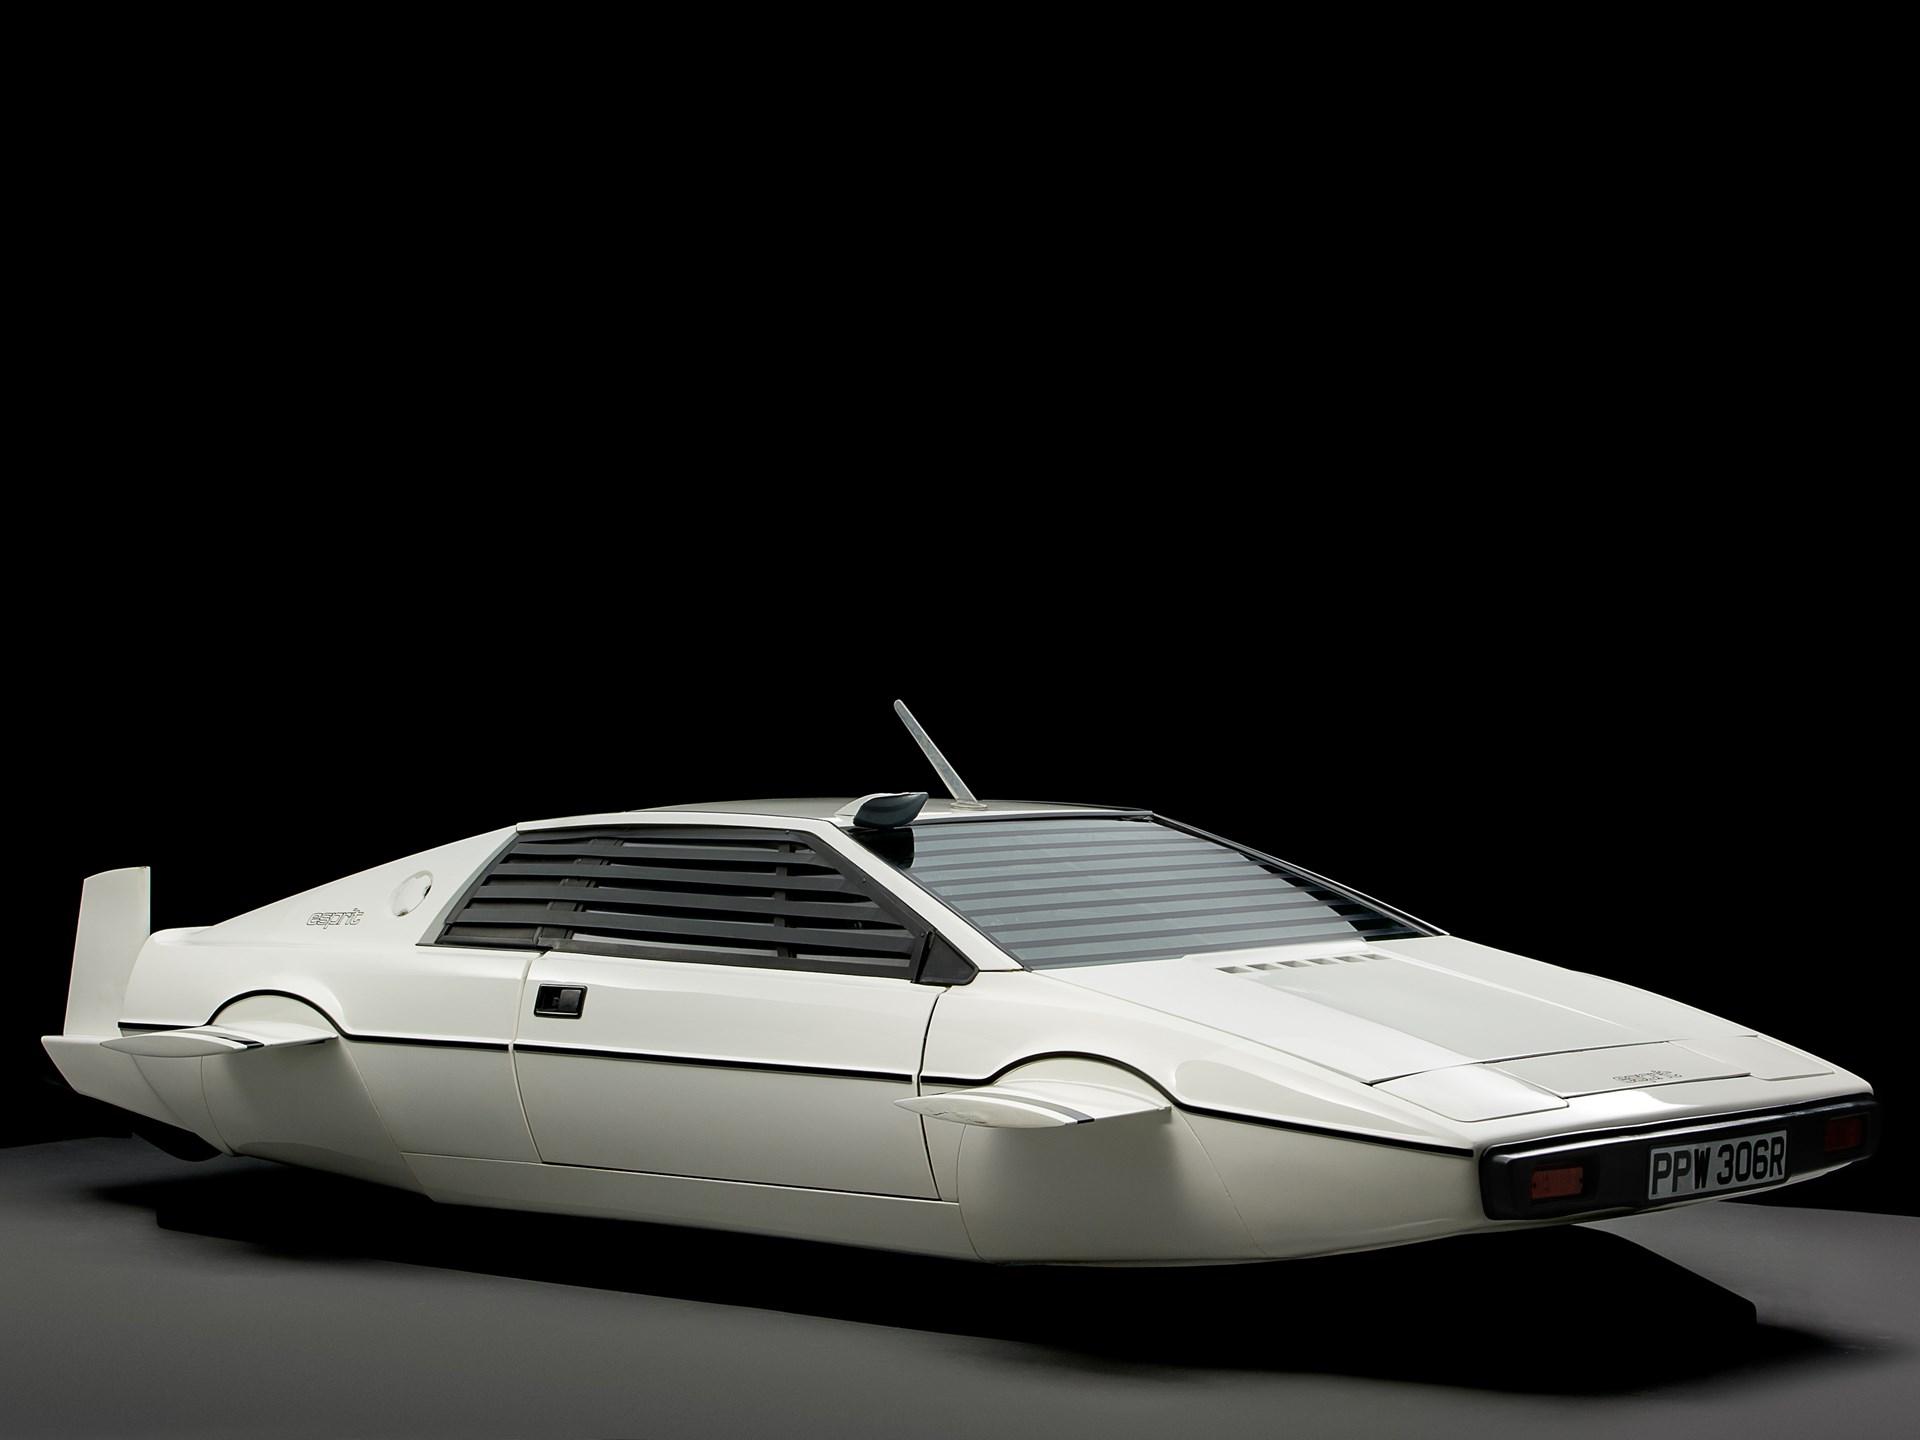 007 Lotus Esprit 'Submarine Car' front 3/4